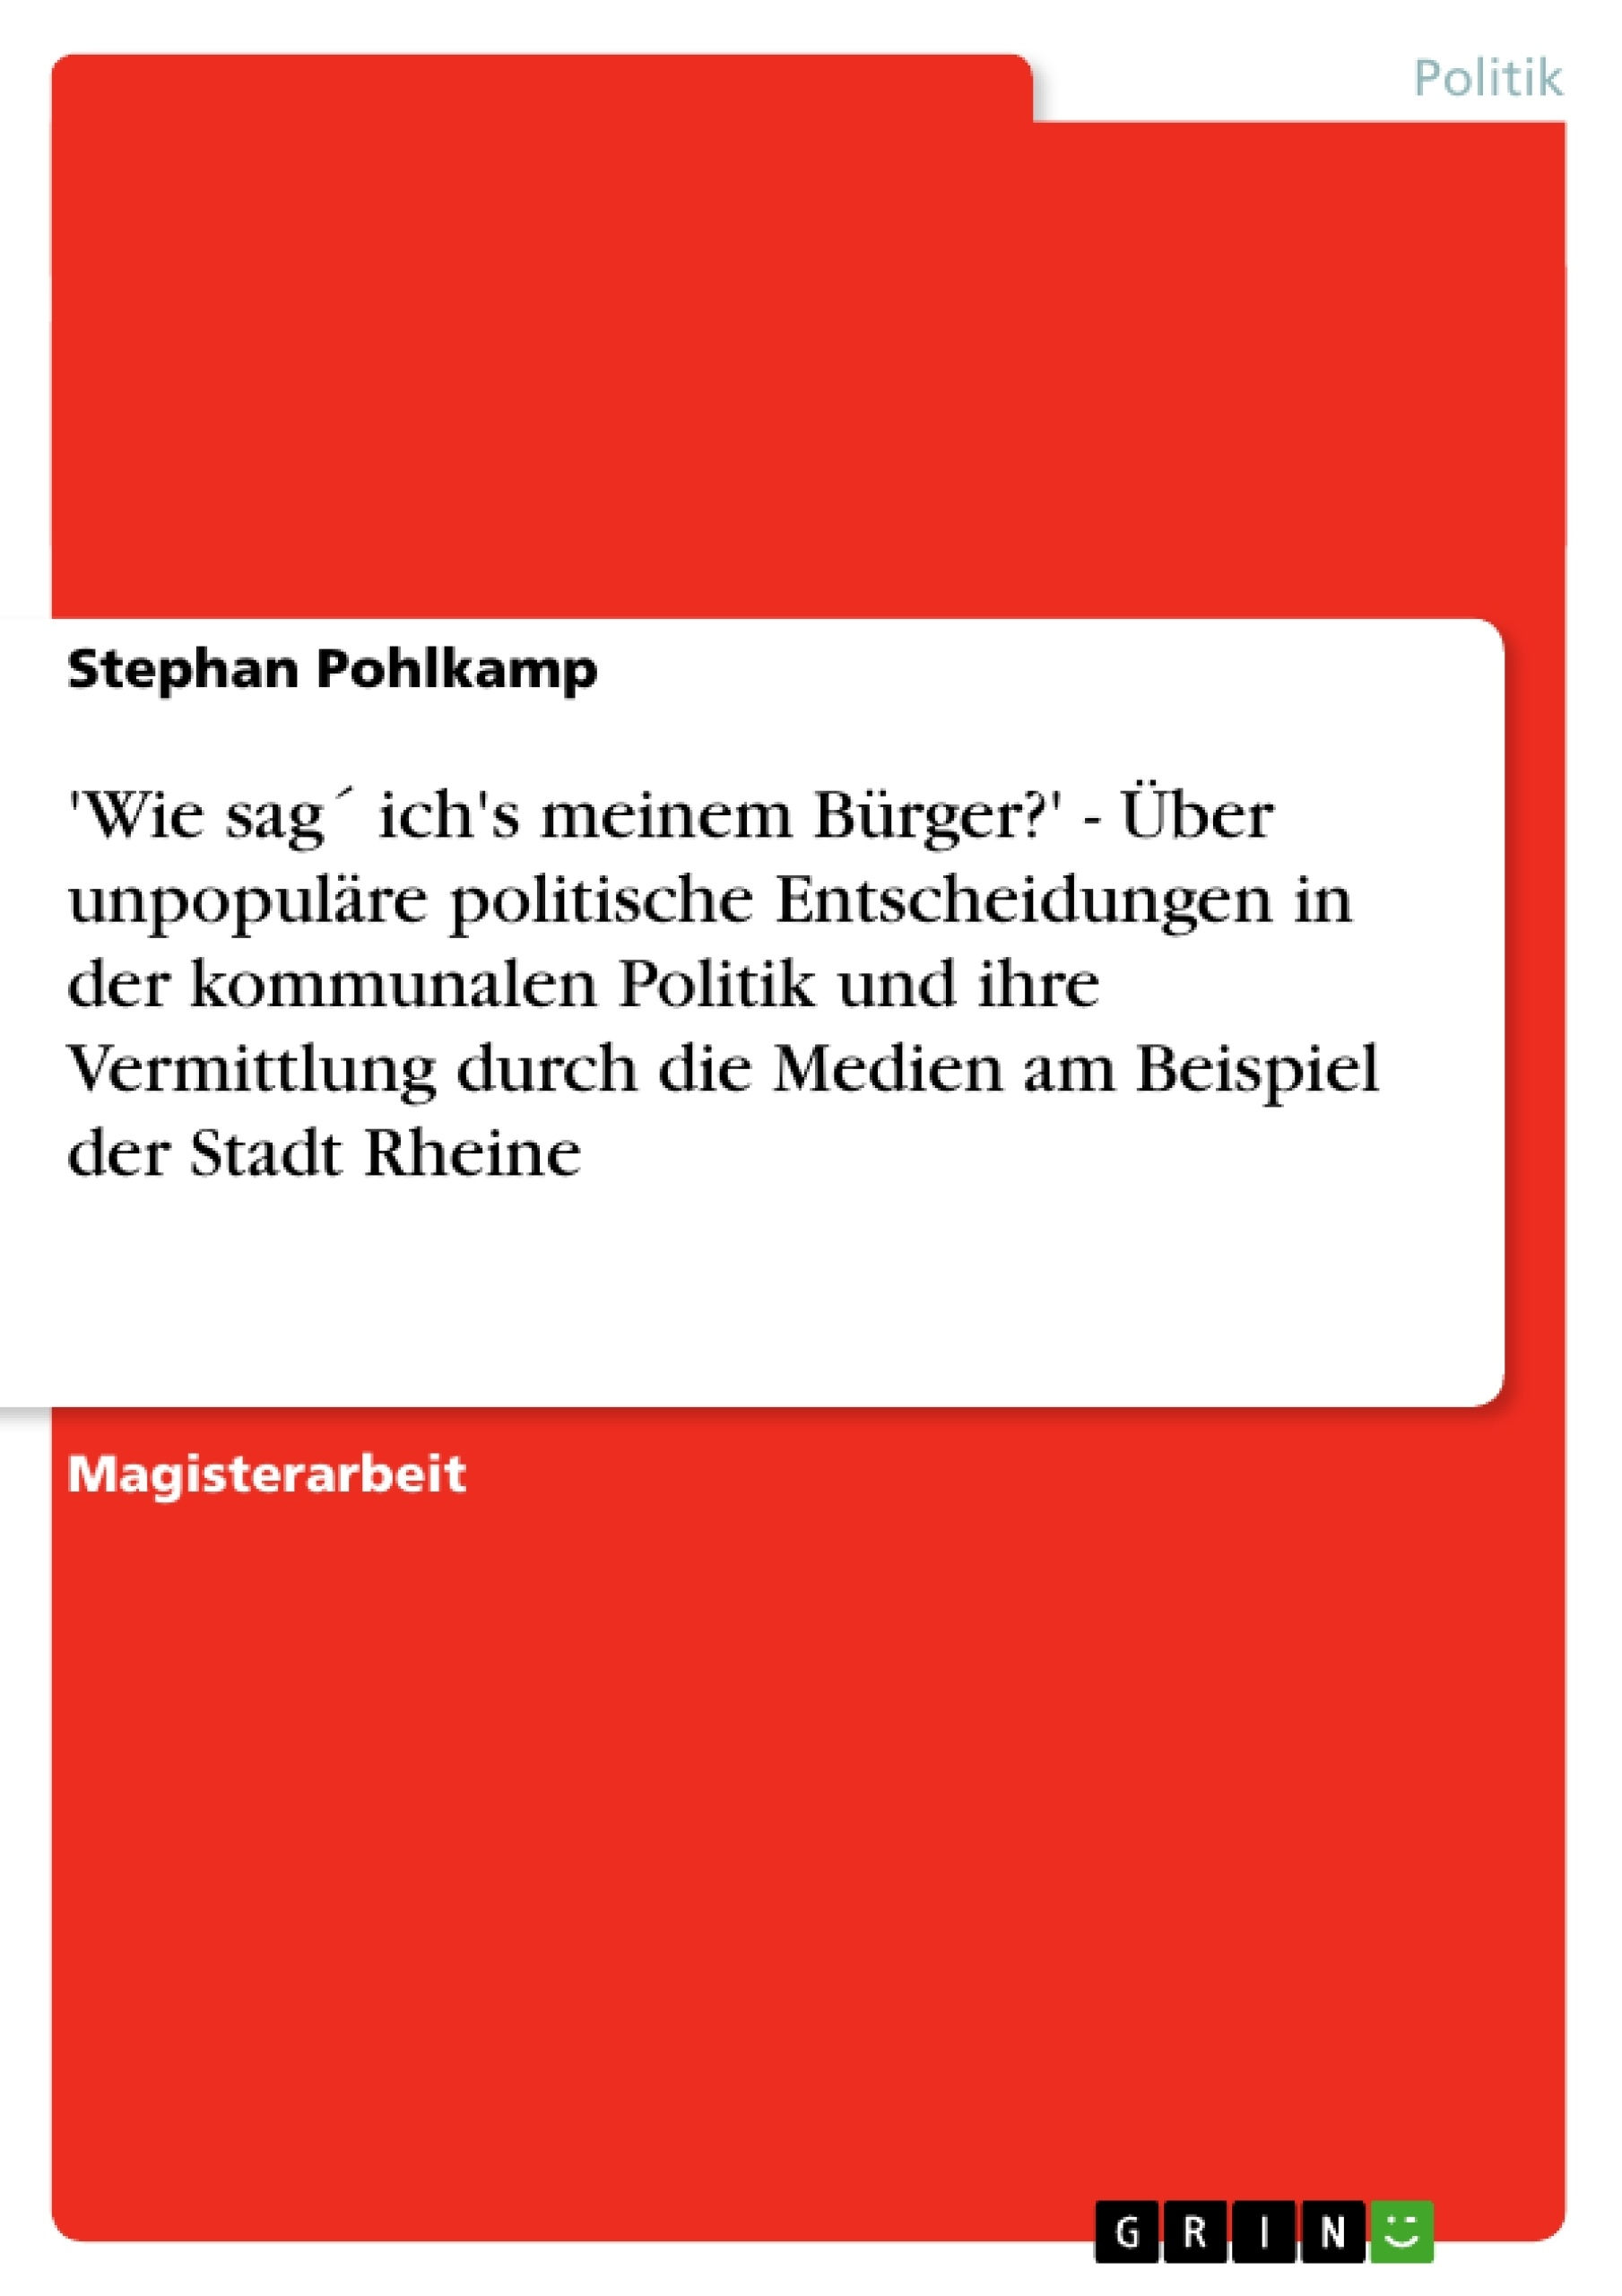 Titel: 'Wie sag´ ich's meinem Bürger?' - Über unpopuläre politische Entscheidungen in der kommunalen Politik und ihre Vermittlung durch die Medien am Beispiel der Stadt Rheine